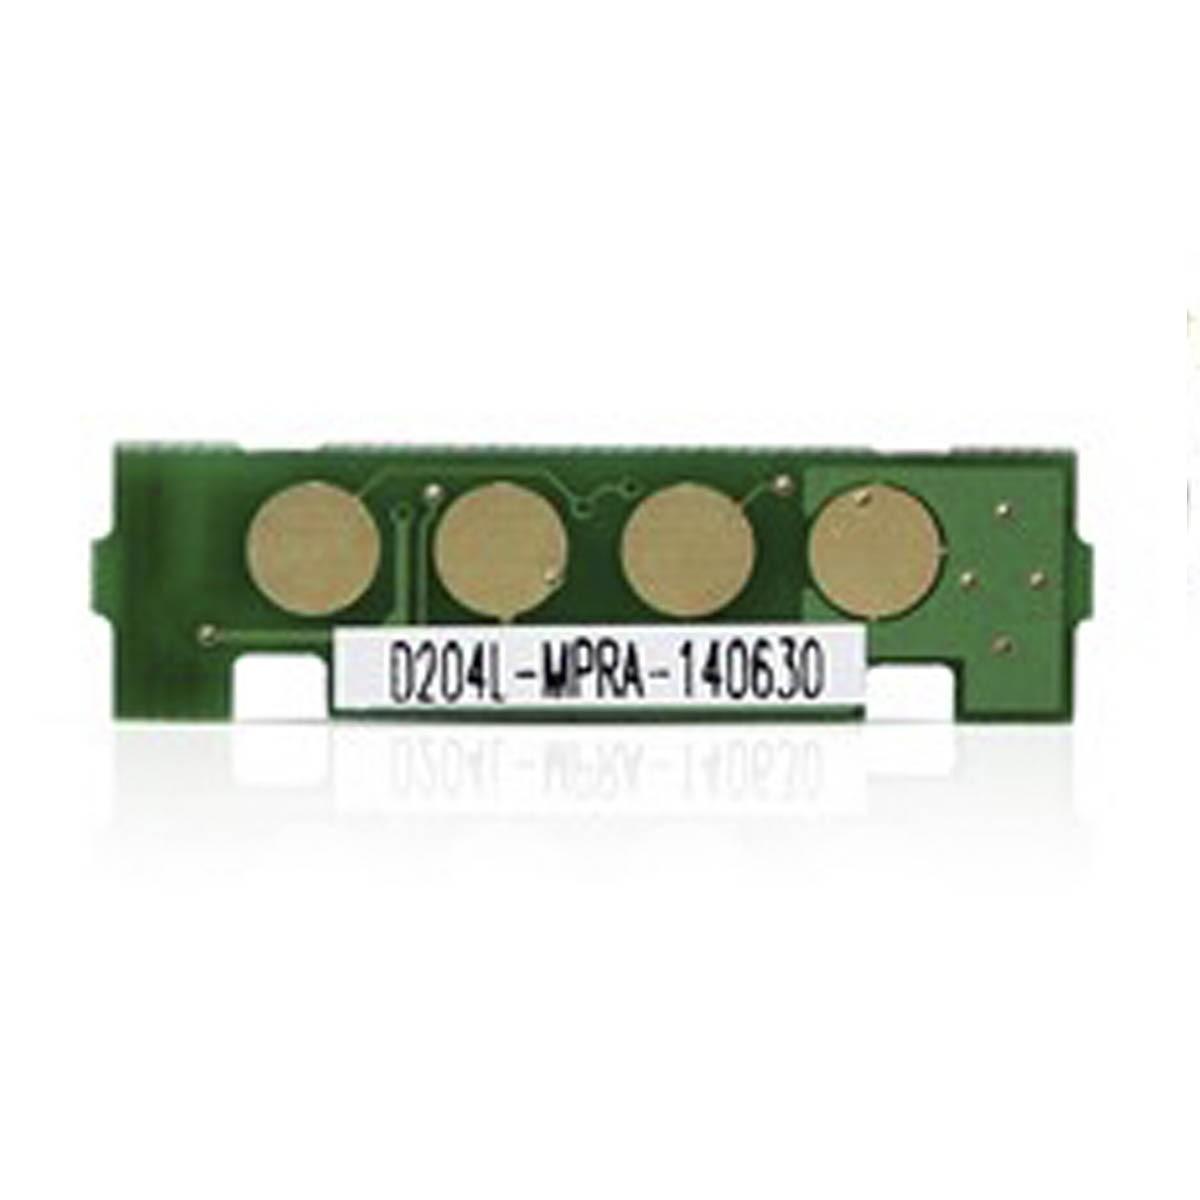 Chip Samsung D204L D204 204L 204 - M3825 M3875 M4025 M4075 - 10k